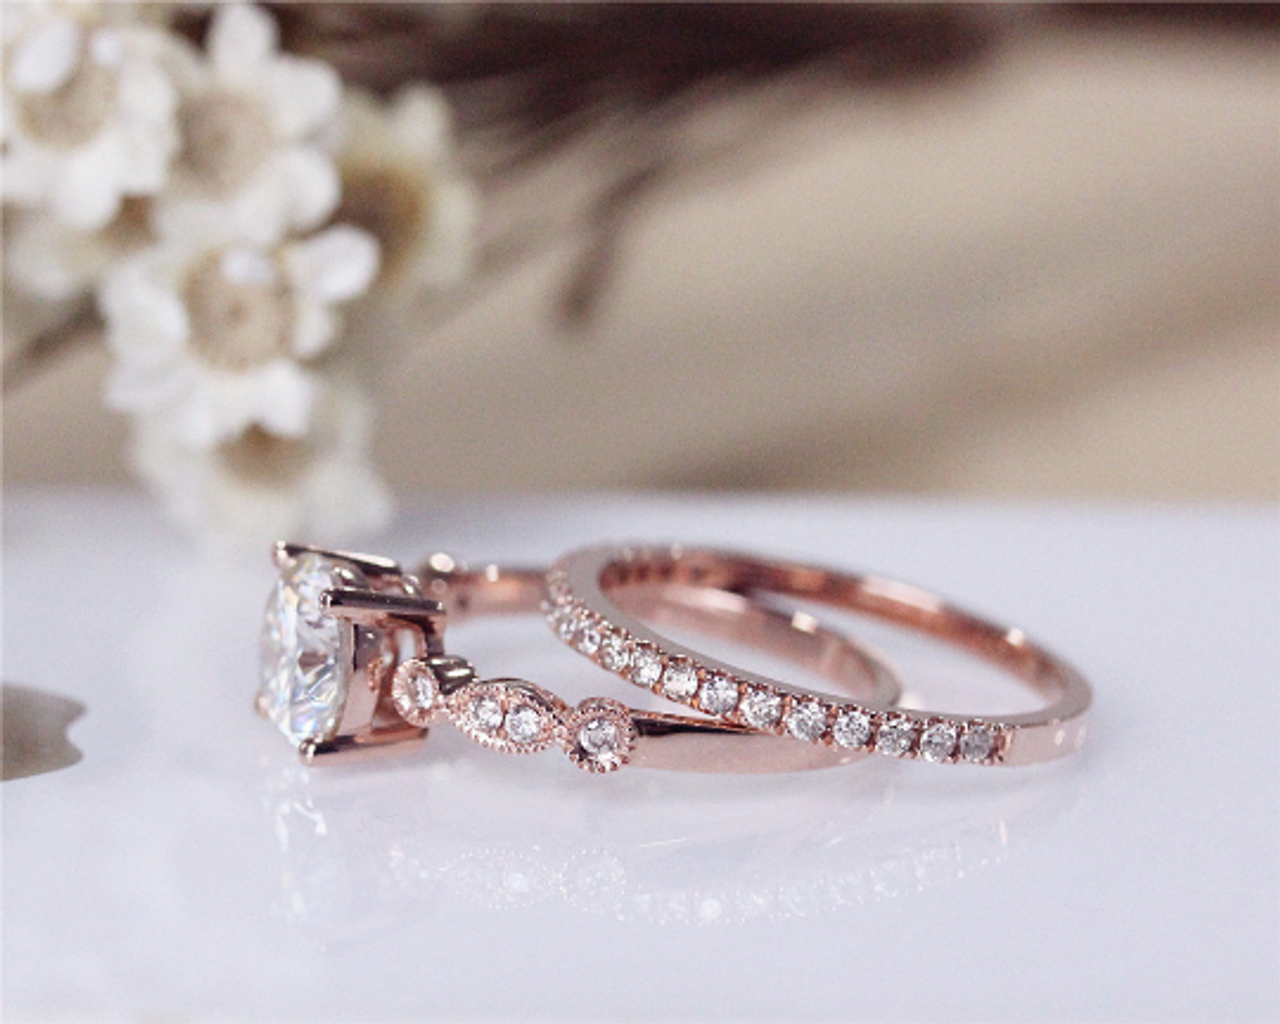 Forever Classic Moissanite Ring Set Solid 14k Rose Gold Moissanite Engagement Ring Set Wedding Ring Set